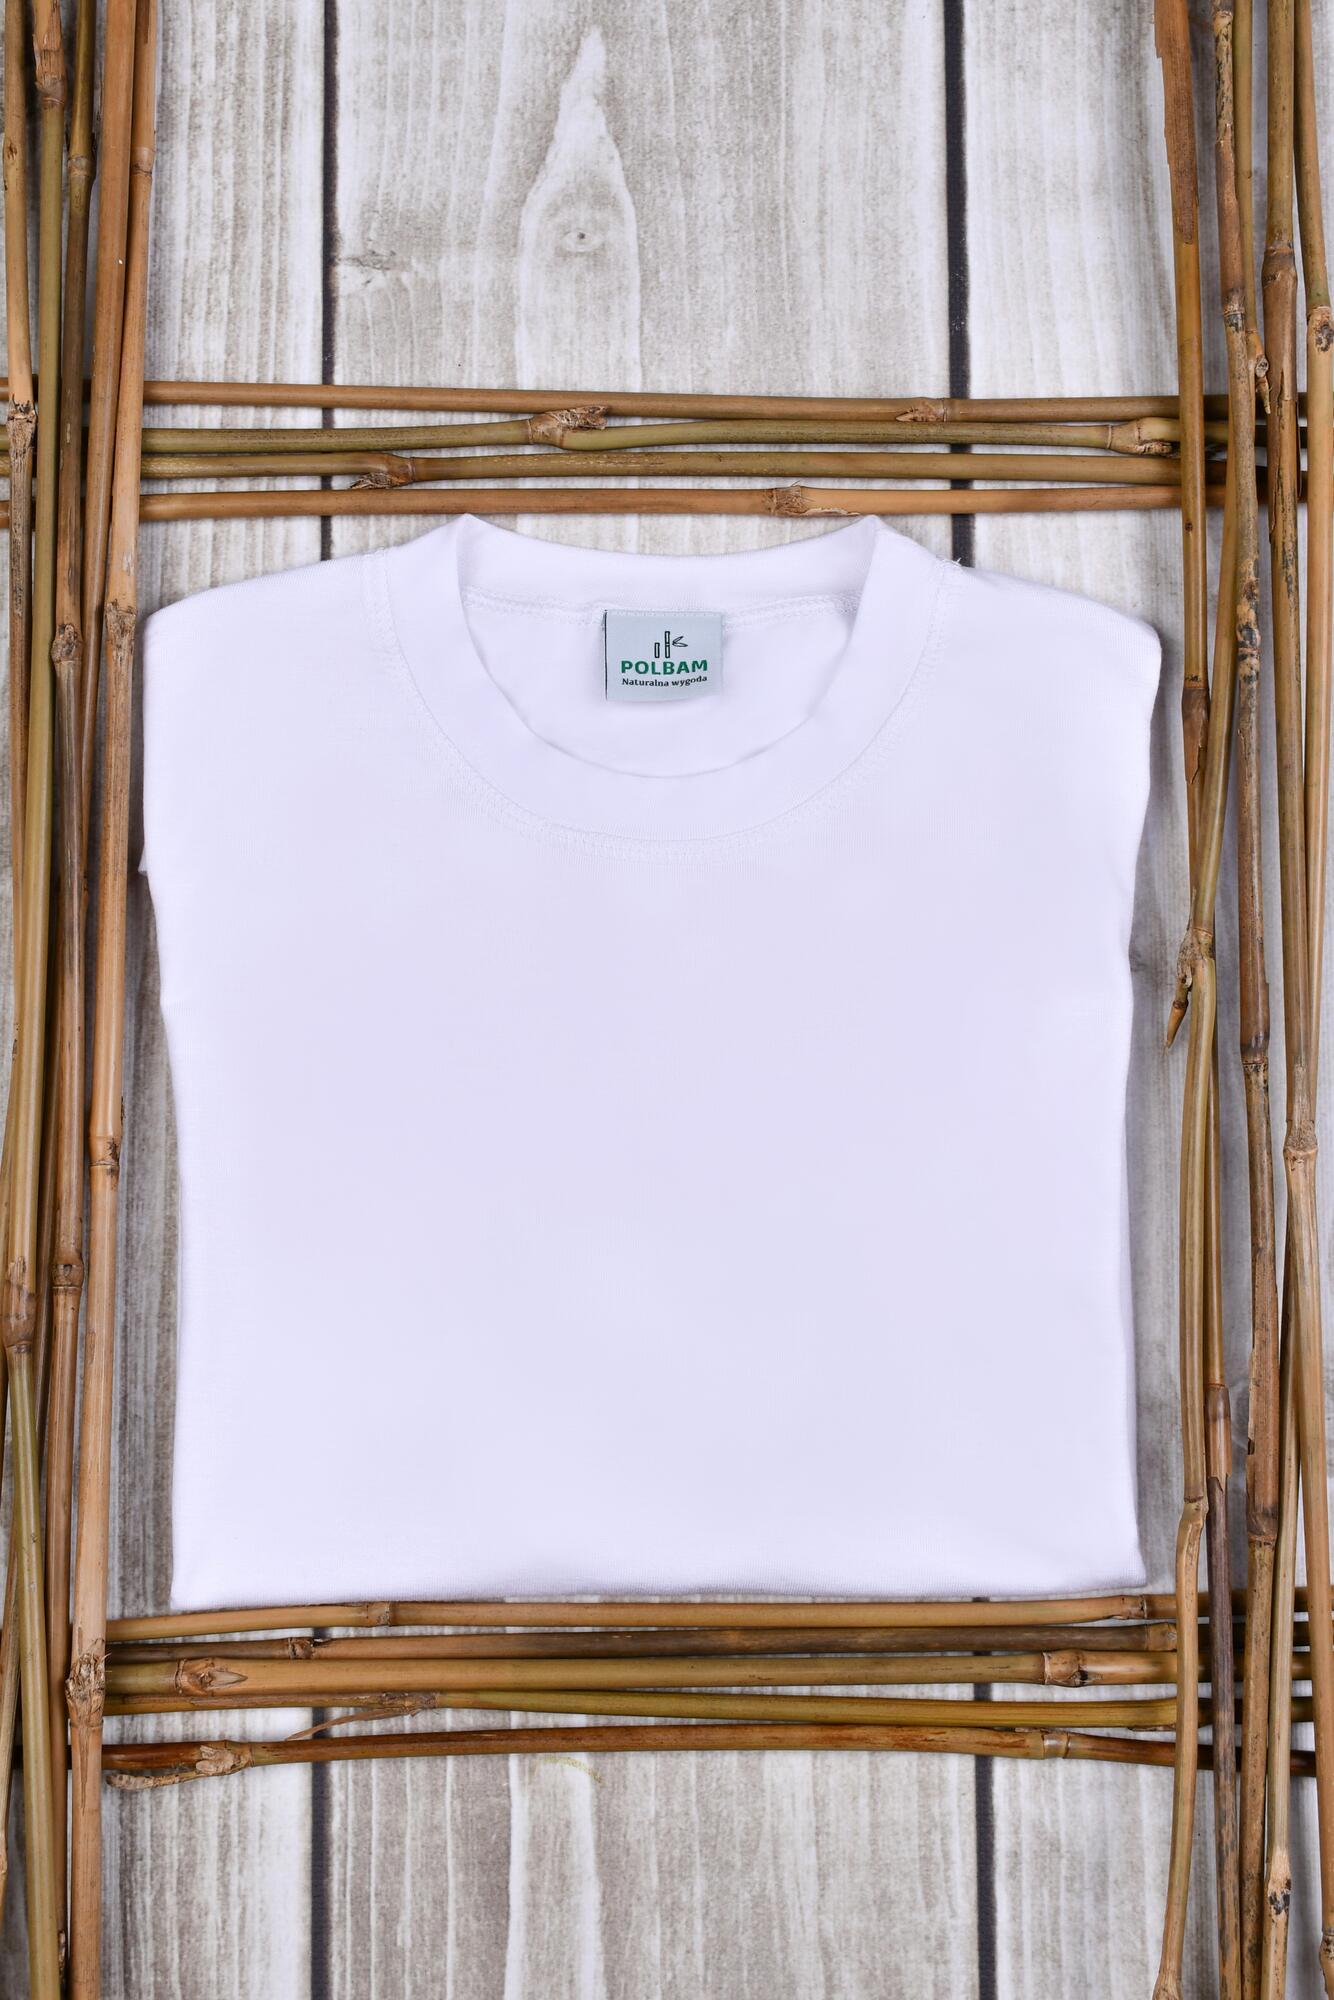 Bambusowy T-shirt  kolor biały, rozmiar M - POLBAM | JestemSlow.pl